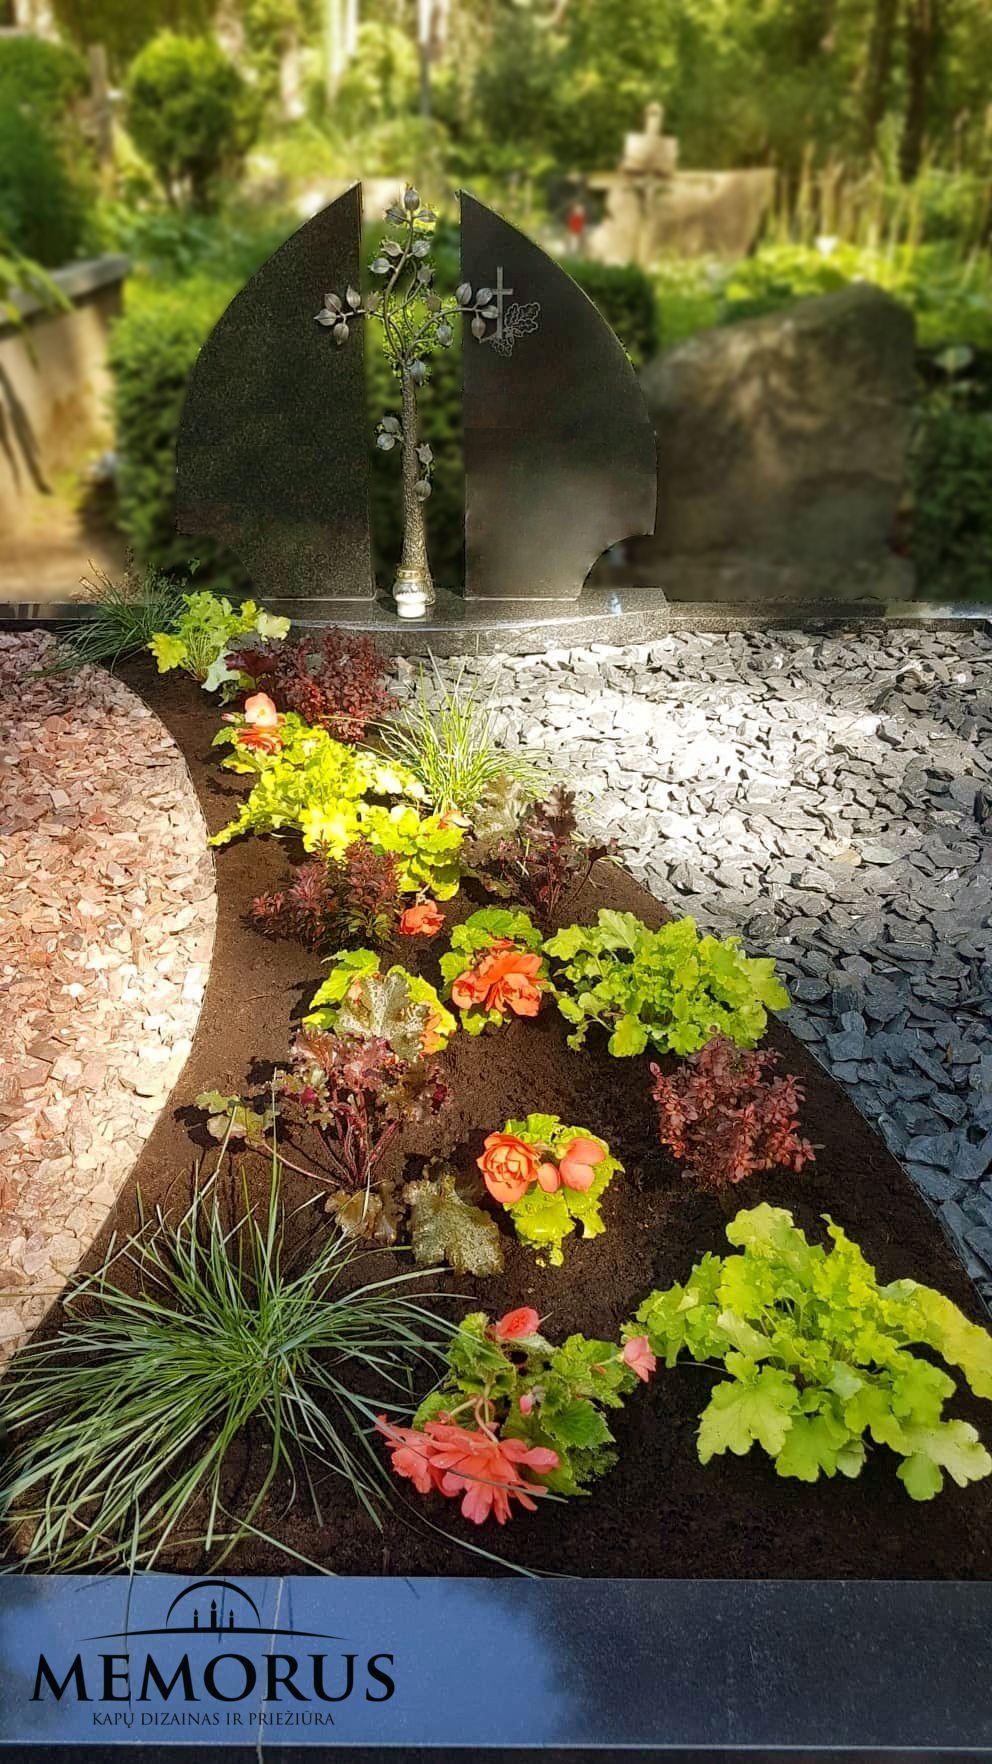 kapas apželdintas augalais ir pastatytas paminklas su kalvyste